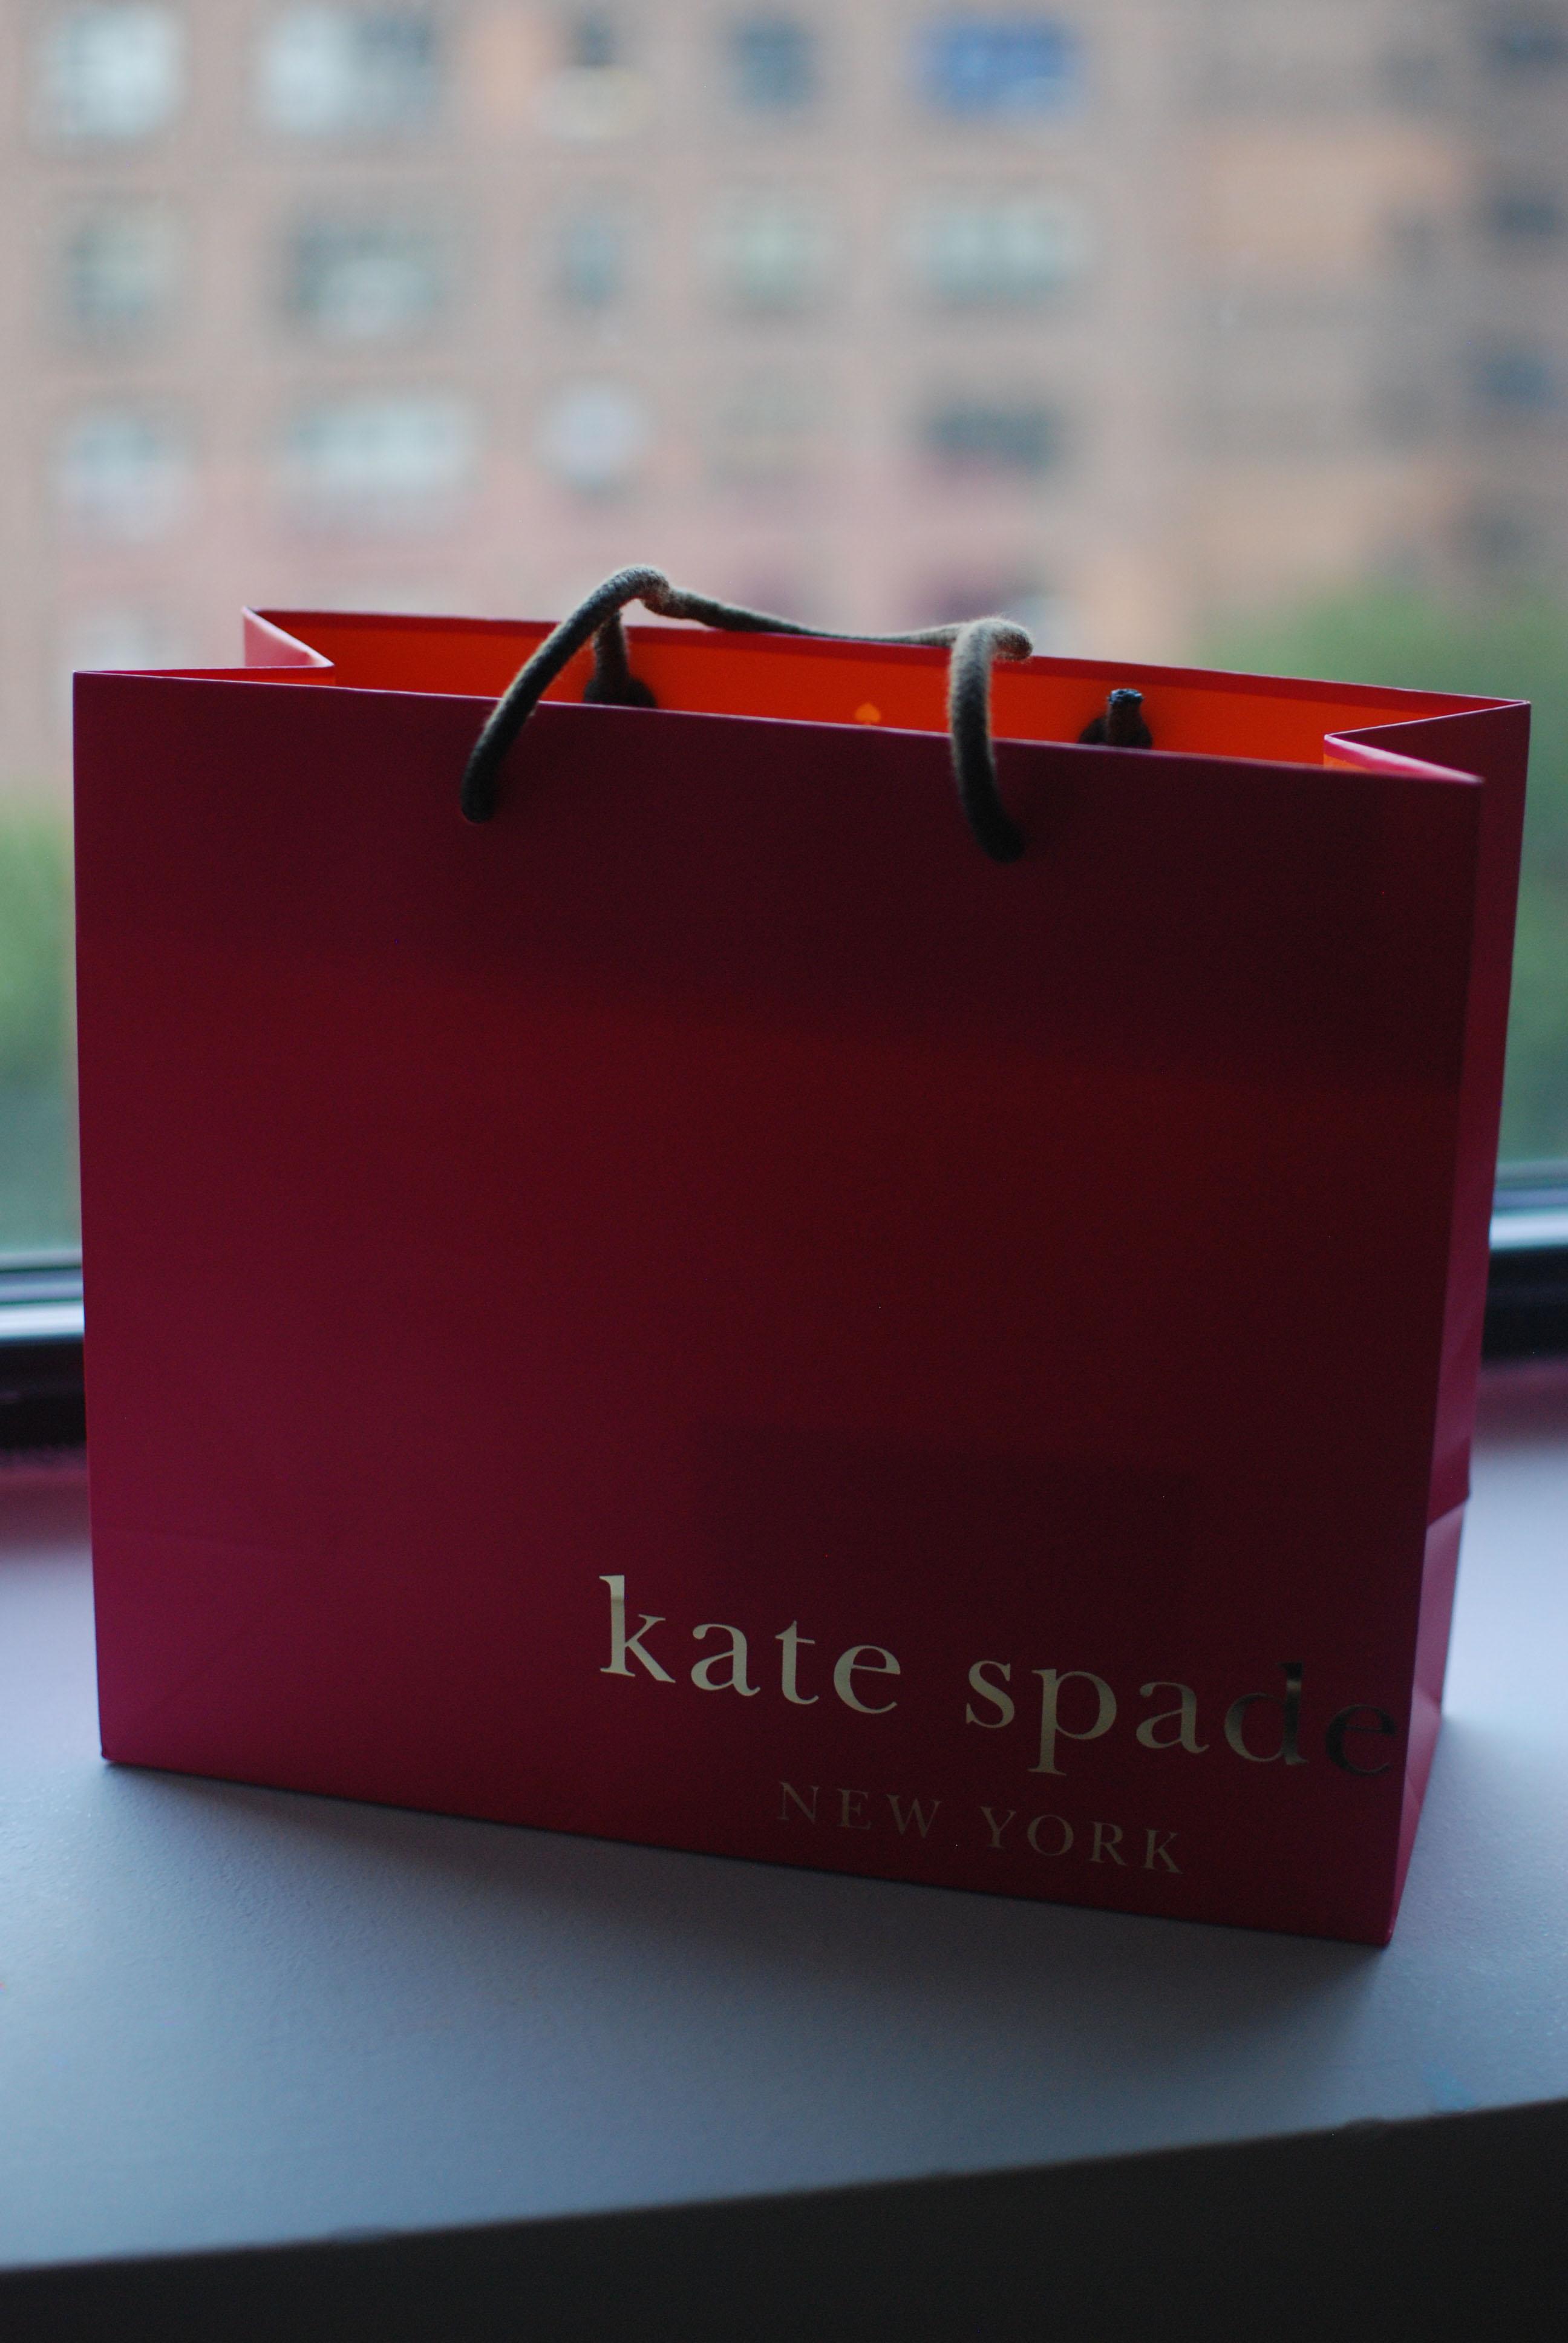 Kate Spade! July 10, 2013 45